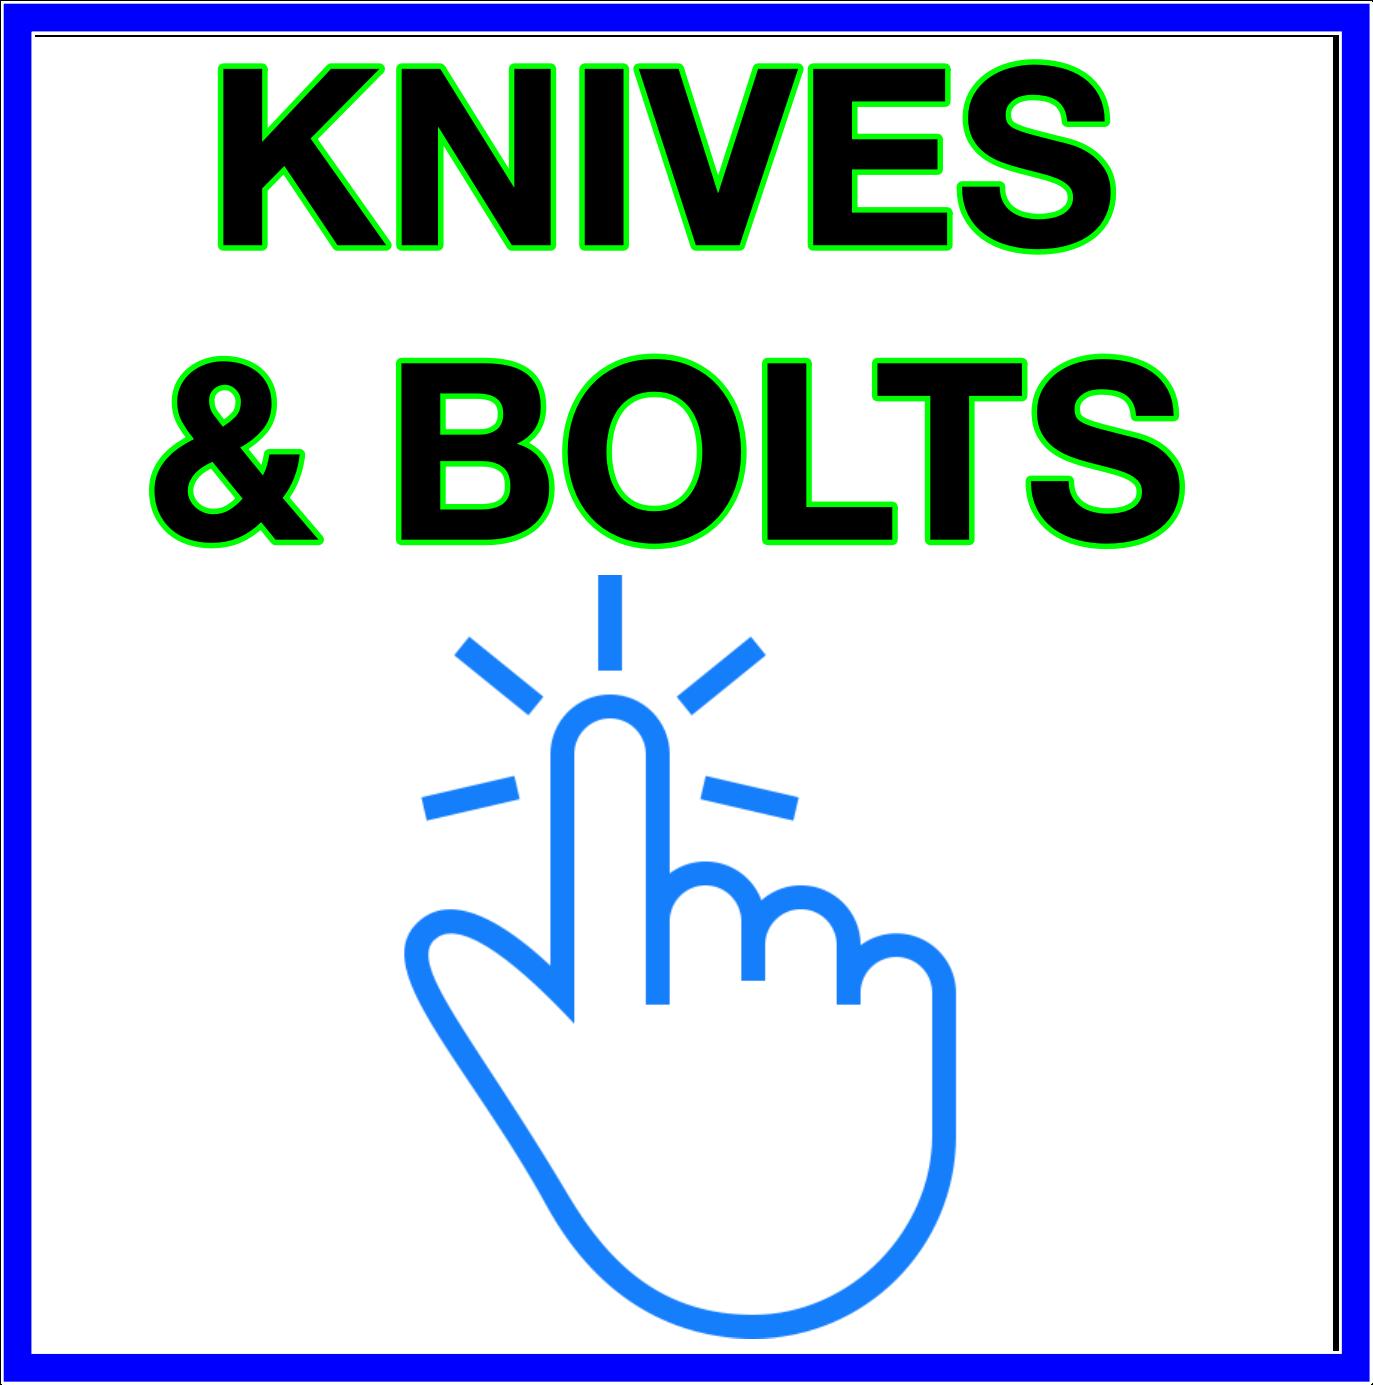 Bandit Knives & Bolts